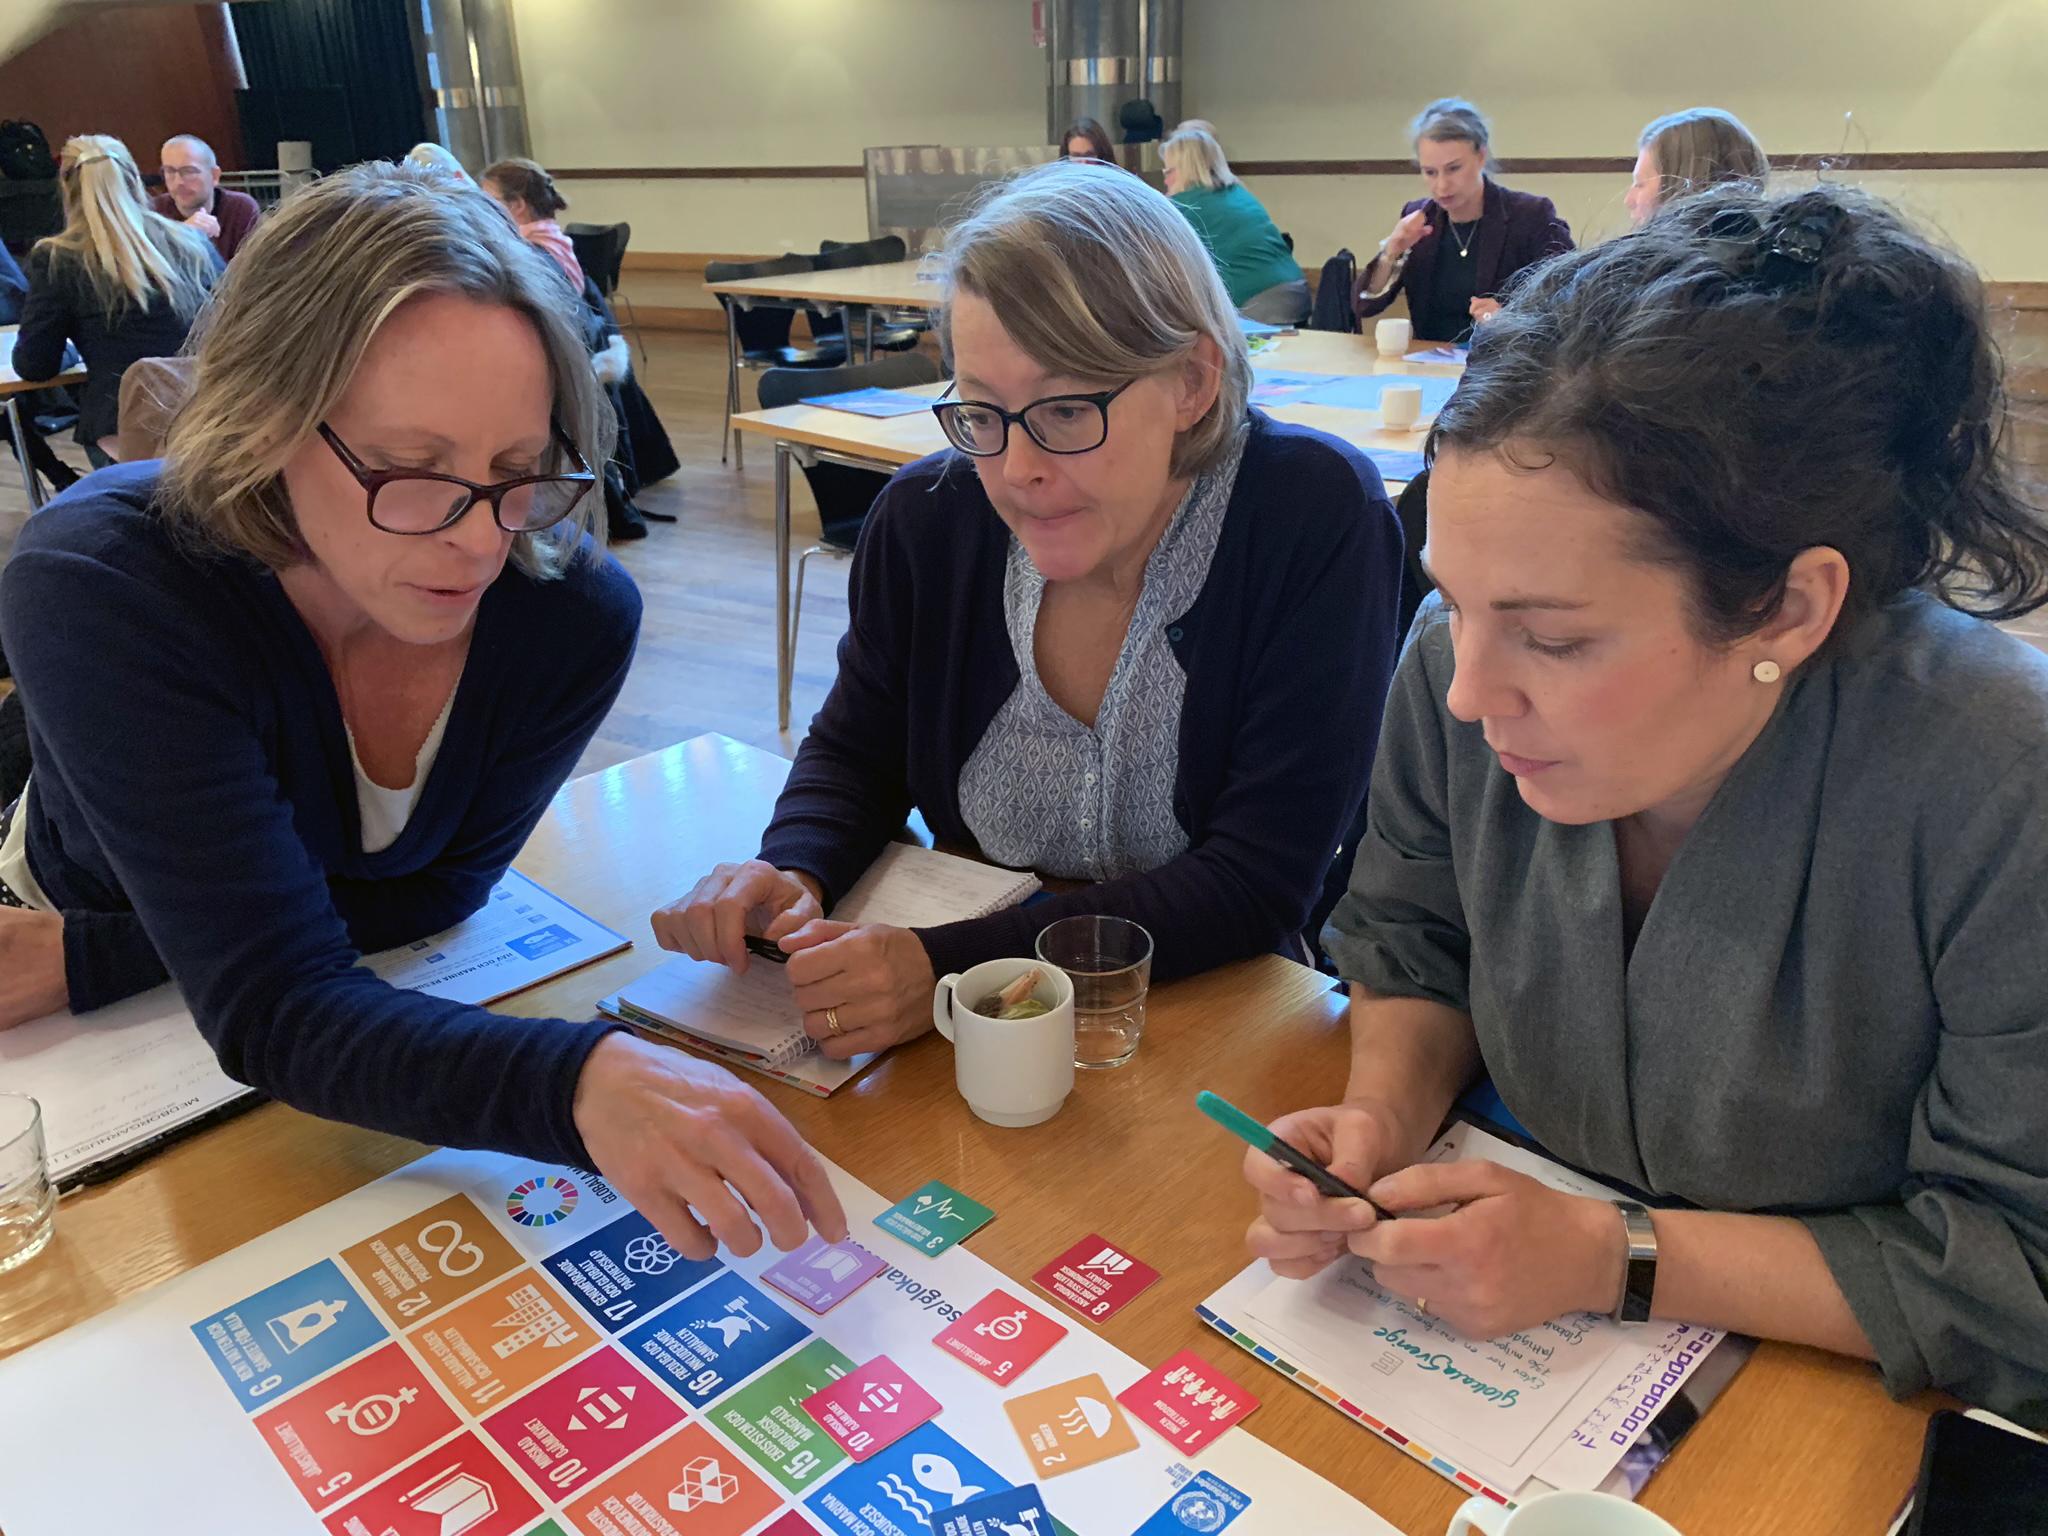 Marie Brandt, miljöstrateg, Birgitta Mårtensson-Asterlind, måltidschef, och Åse DAnnestam, miljöstrateg, diskuterar hur Agenda 2030 kan kopplas till kommunens mål och arbete